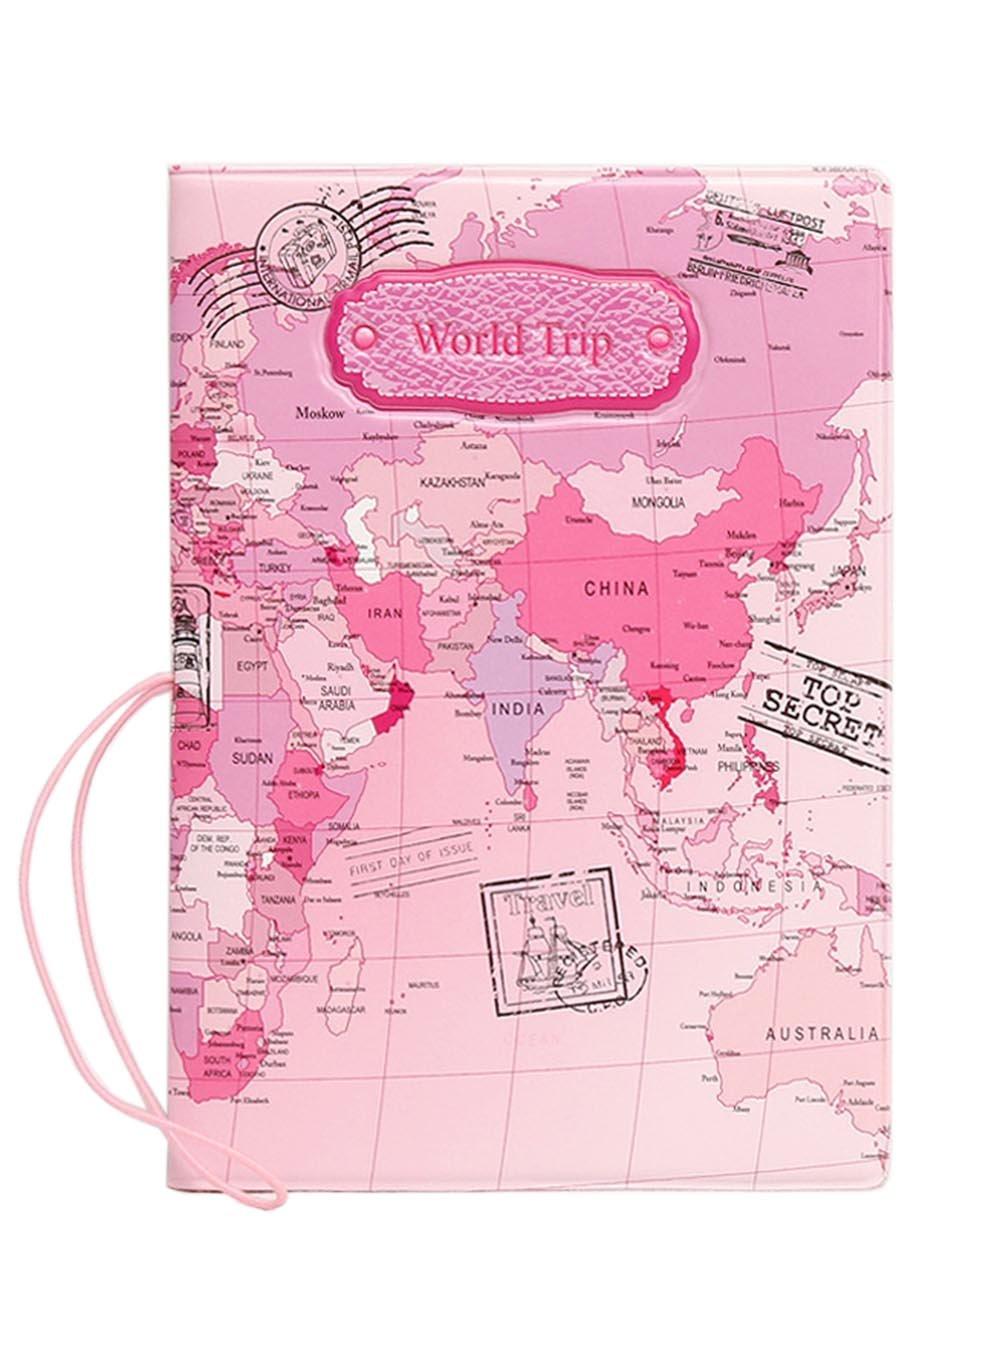 MMY-Organisateur de Voyage en Nylon Imperméable avec ferméture- pour Pochette/ Passeport/ Papiers d'identité/ Cartes/ Billet/ Monnais/ Document-Carte du monde-Rose passport-002